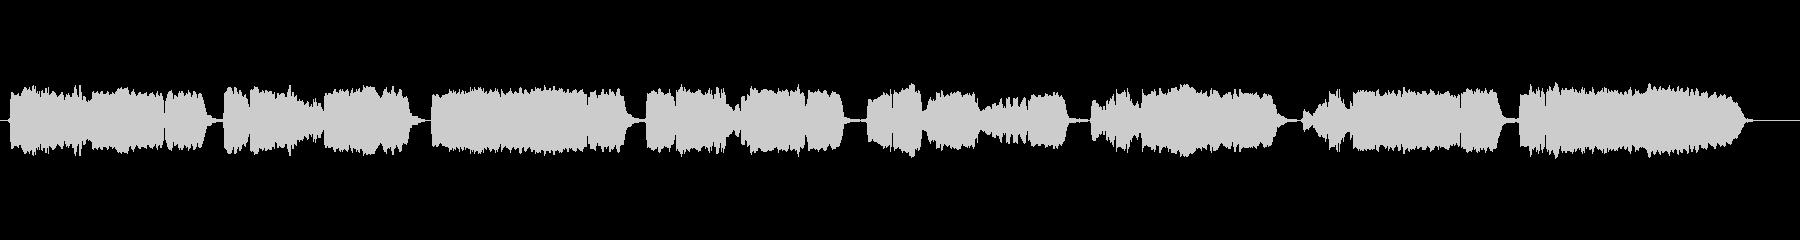 童謡「紅葉」の篠笛独奏の未再生の波形